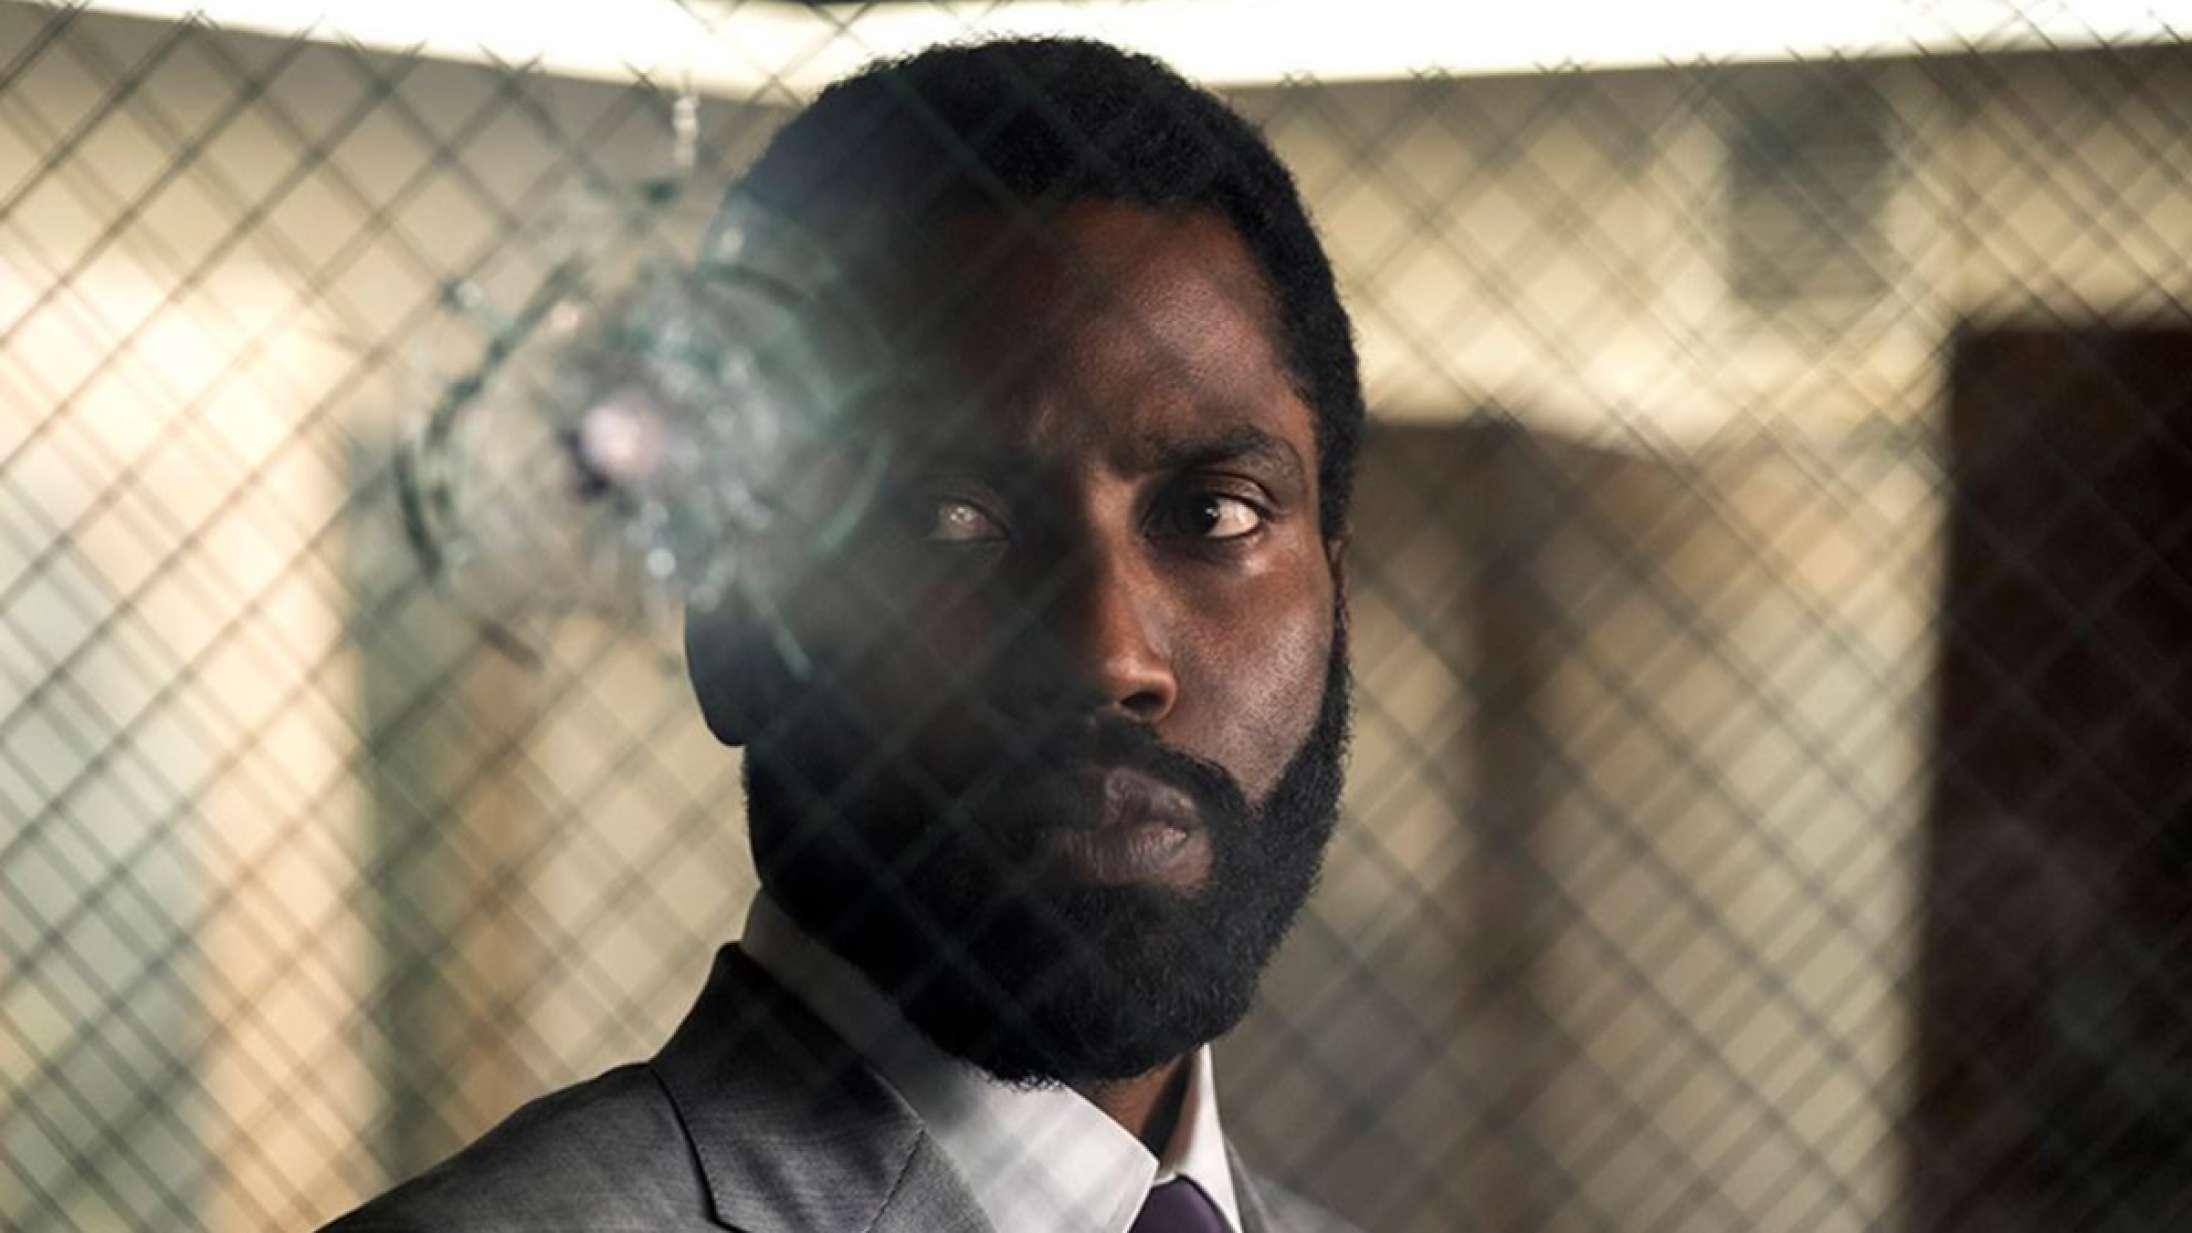 Med 'Tenet's klammeste scene sender Nolan et stærkt signal til Hollywoods voldsfetichister